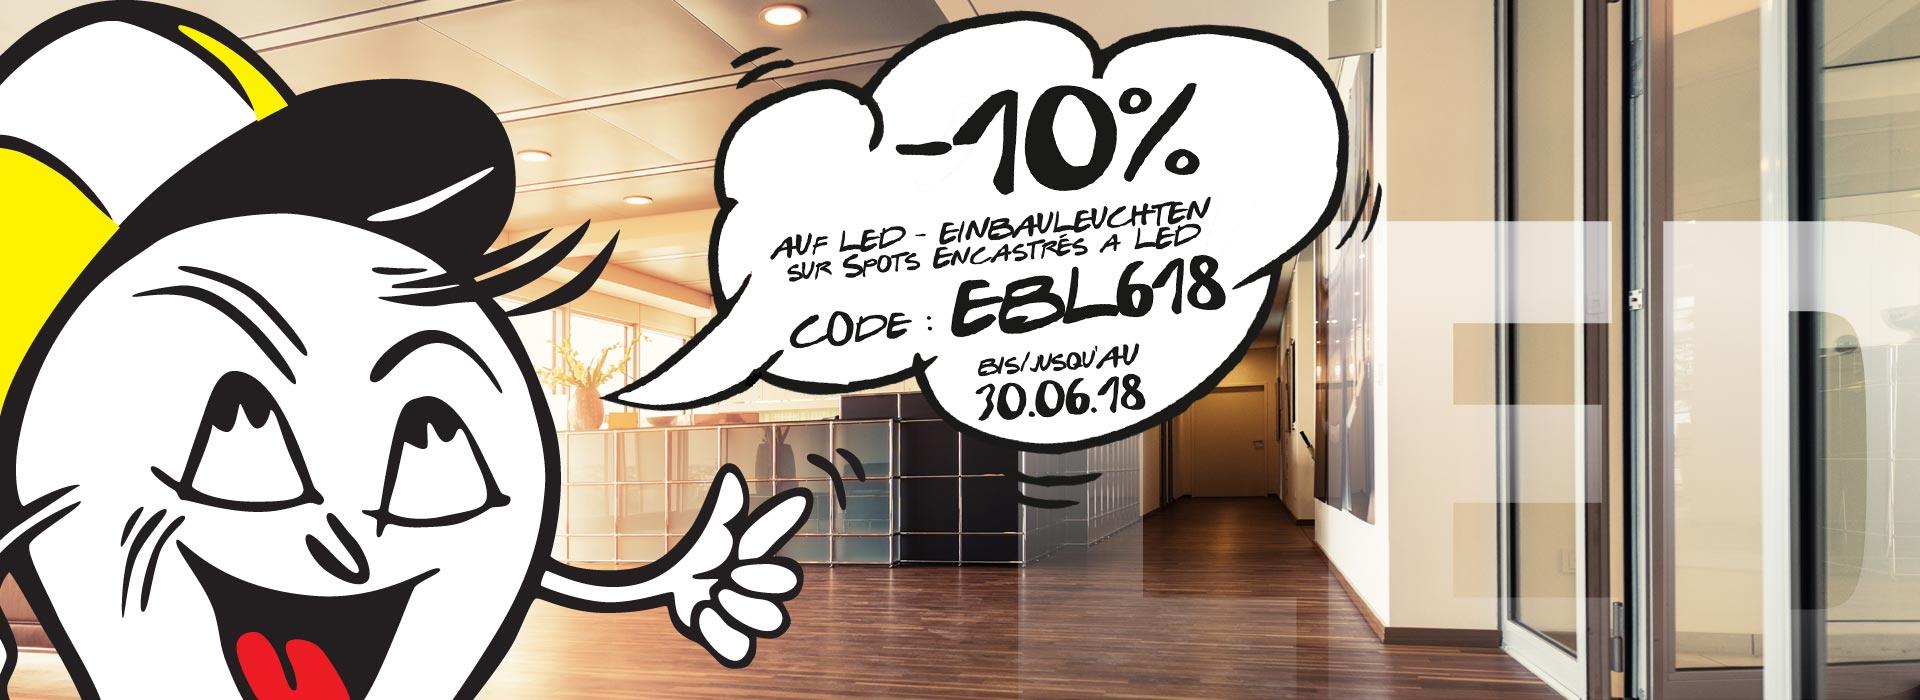 -10% auf LED Einbauleuchten